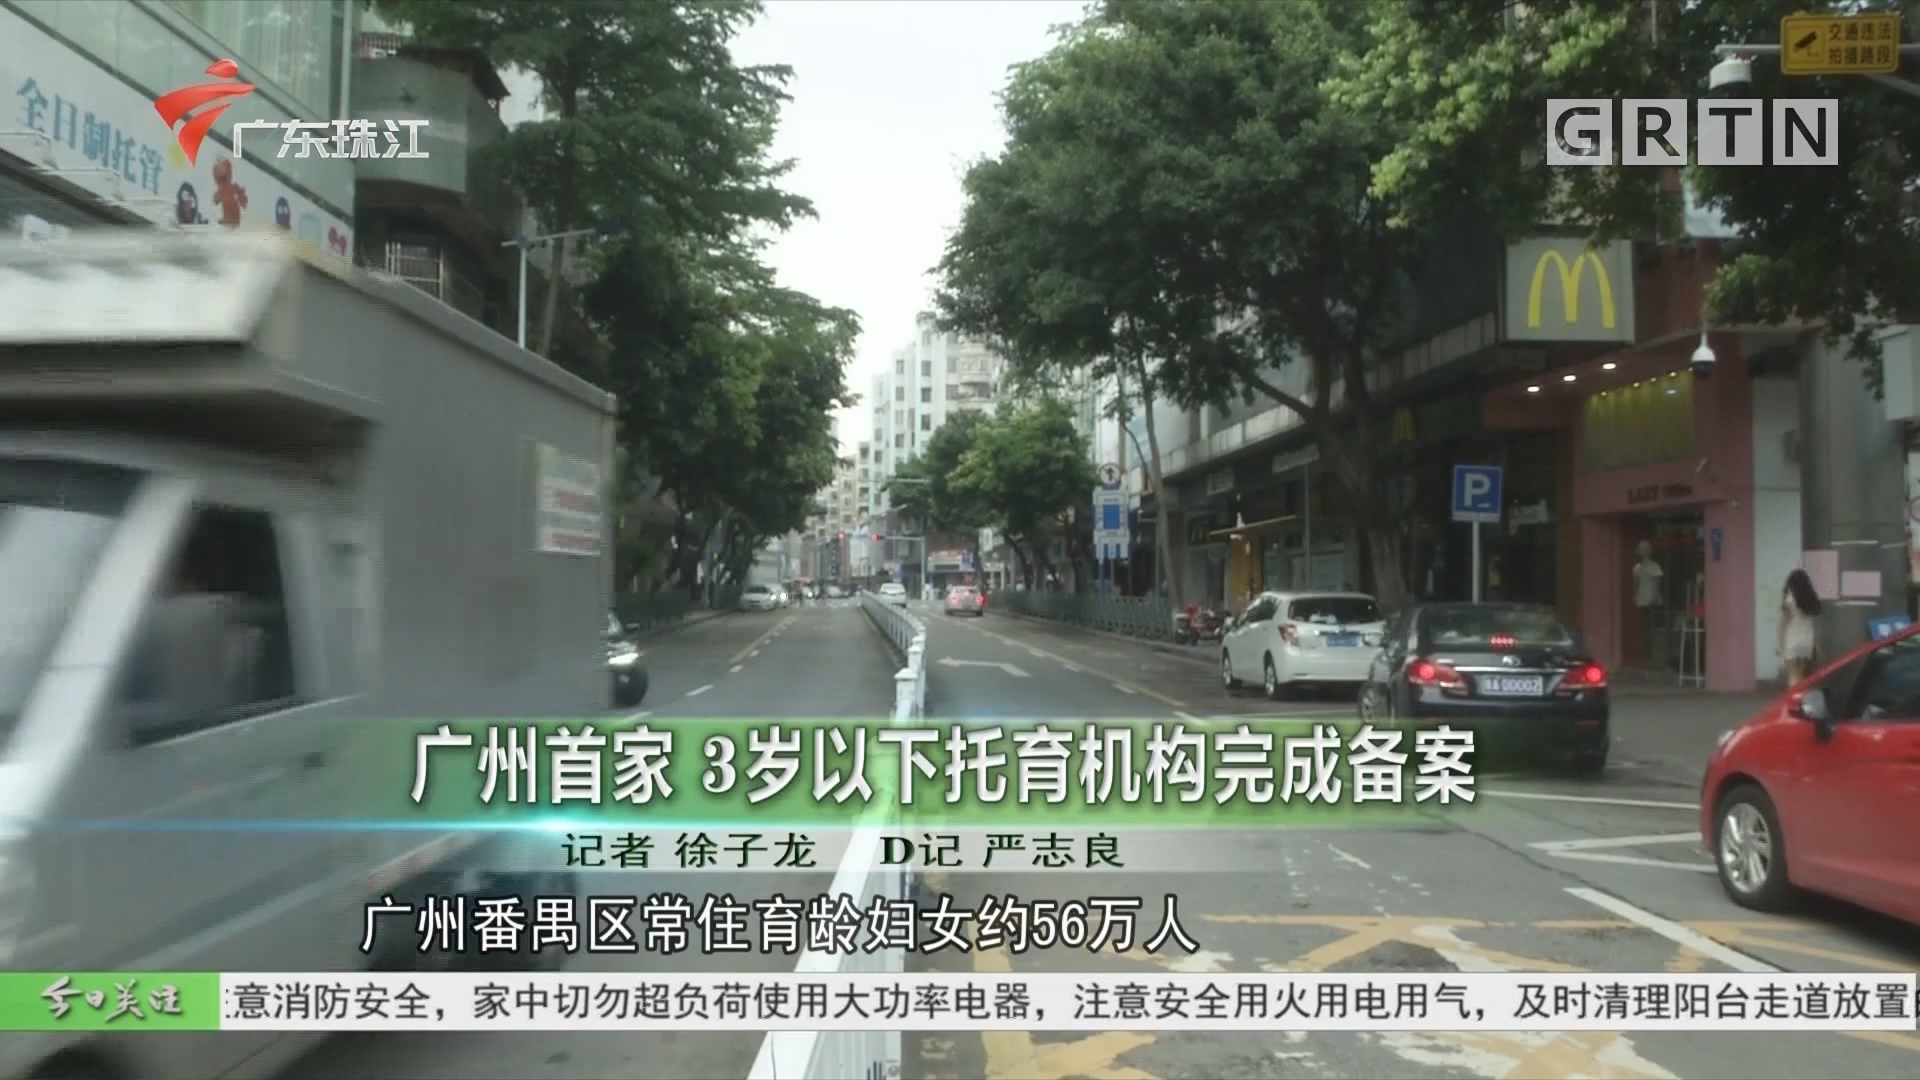 广州首家 3岁以下托育机构完成备案